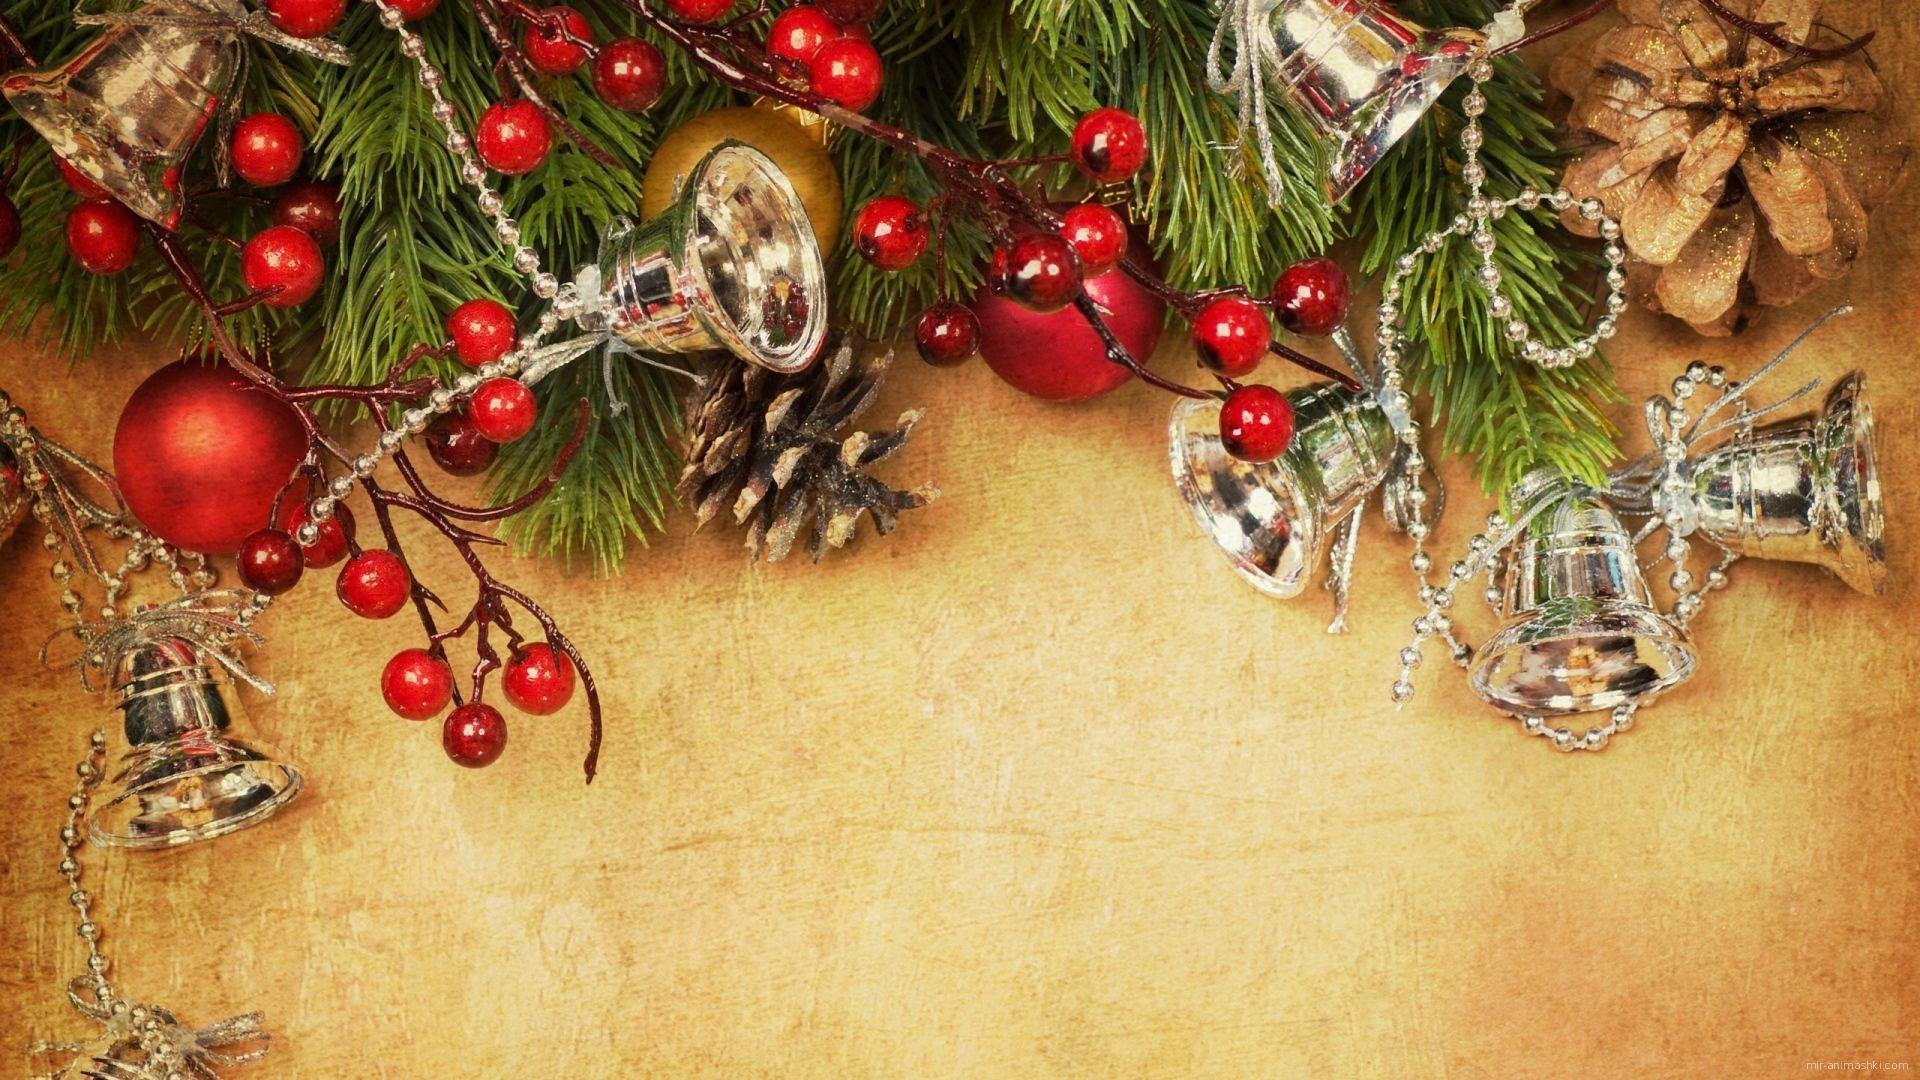 Елочные игрушки на рождество - C Рождеством Христовым поздравительные картинки